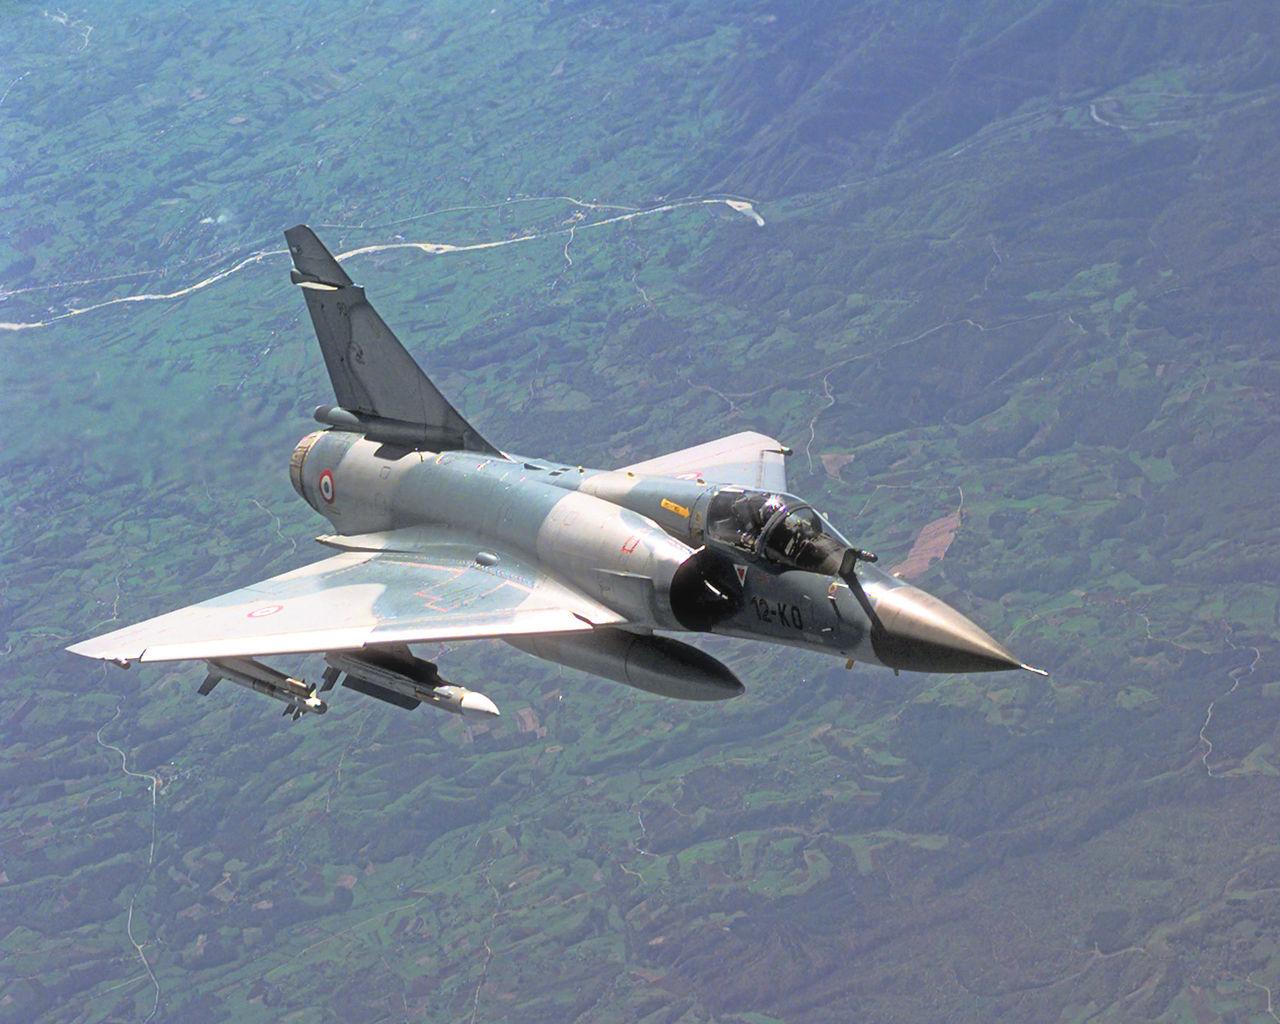 Гръцки изтребител се разби край о-в Скирос, пилотът загина